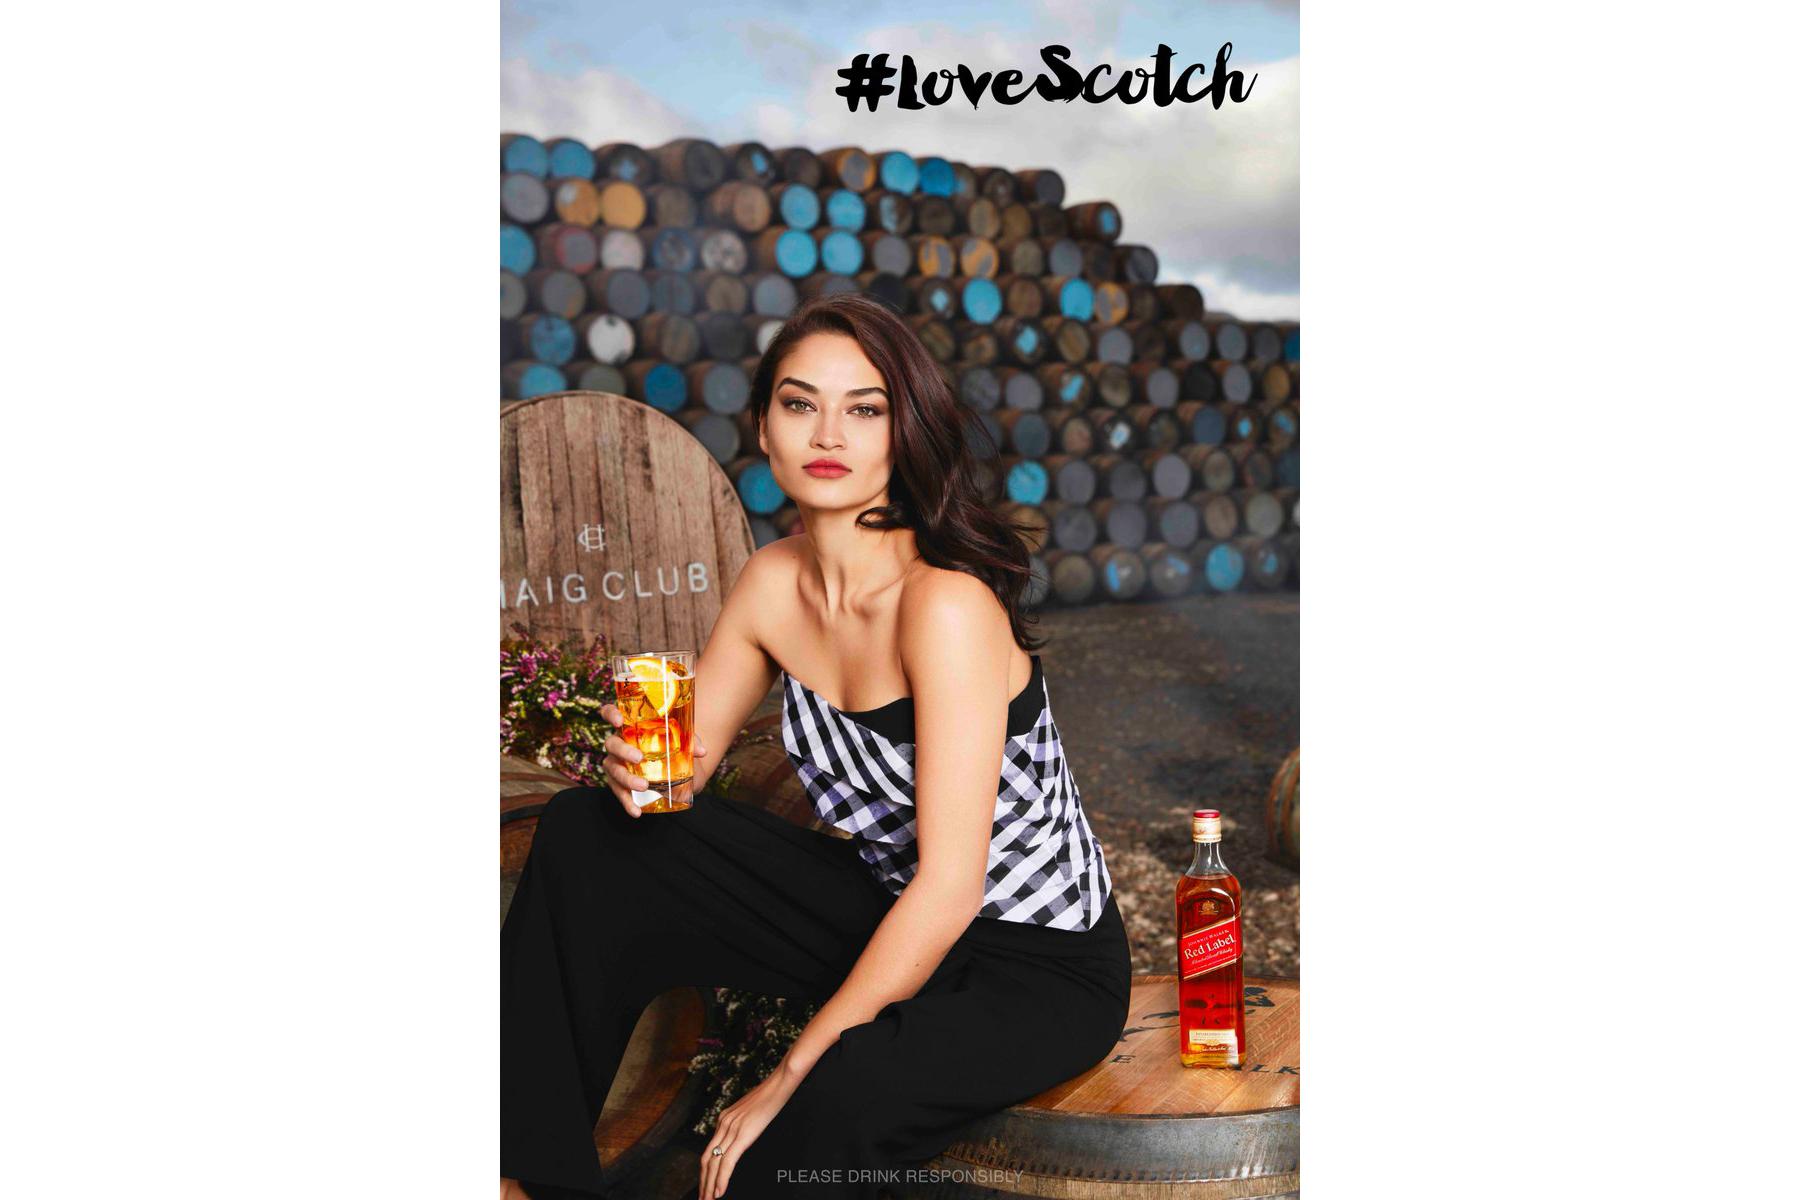 Amelia-and-co-Love_Scotch-3.jpg